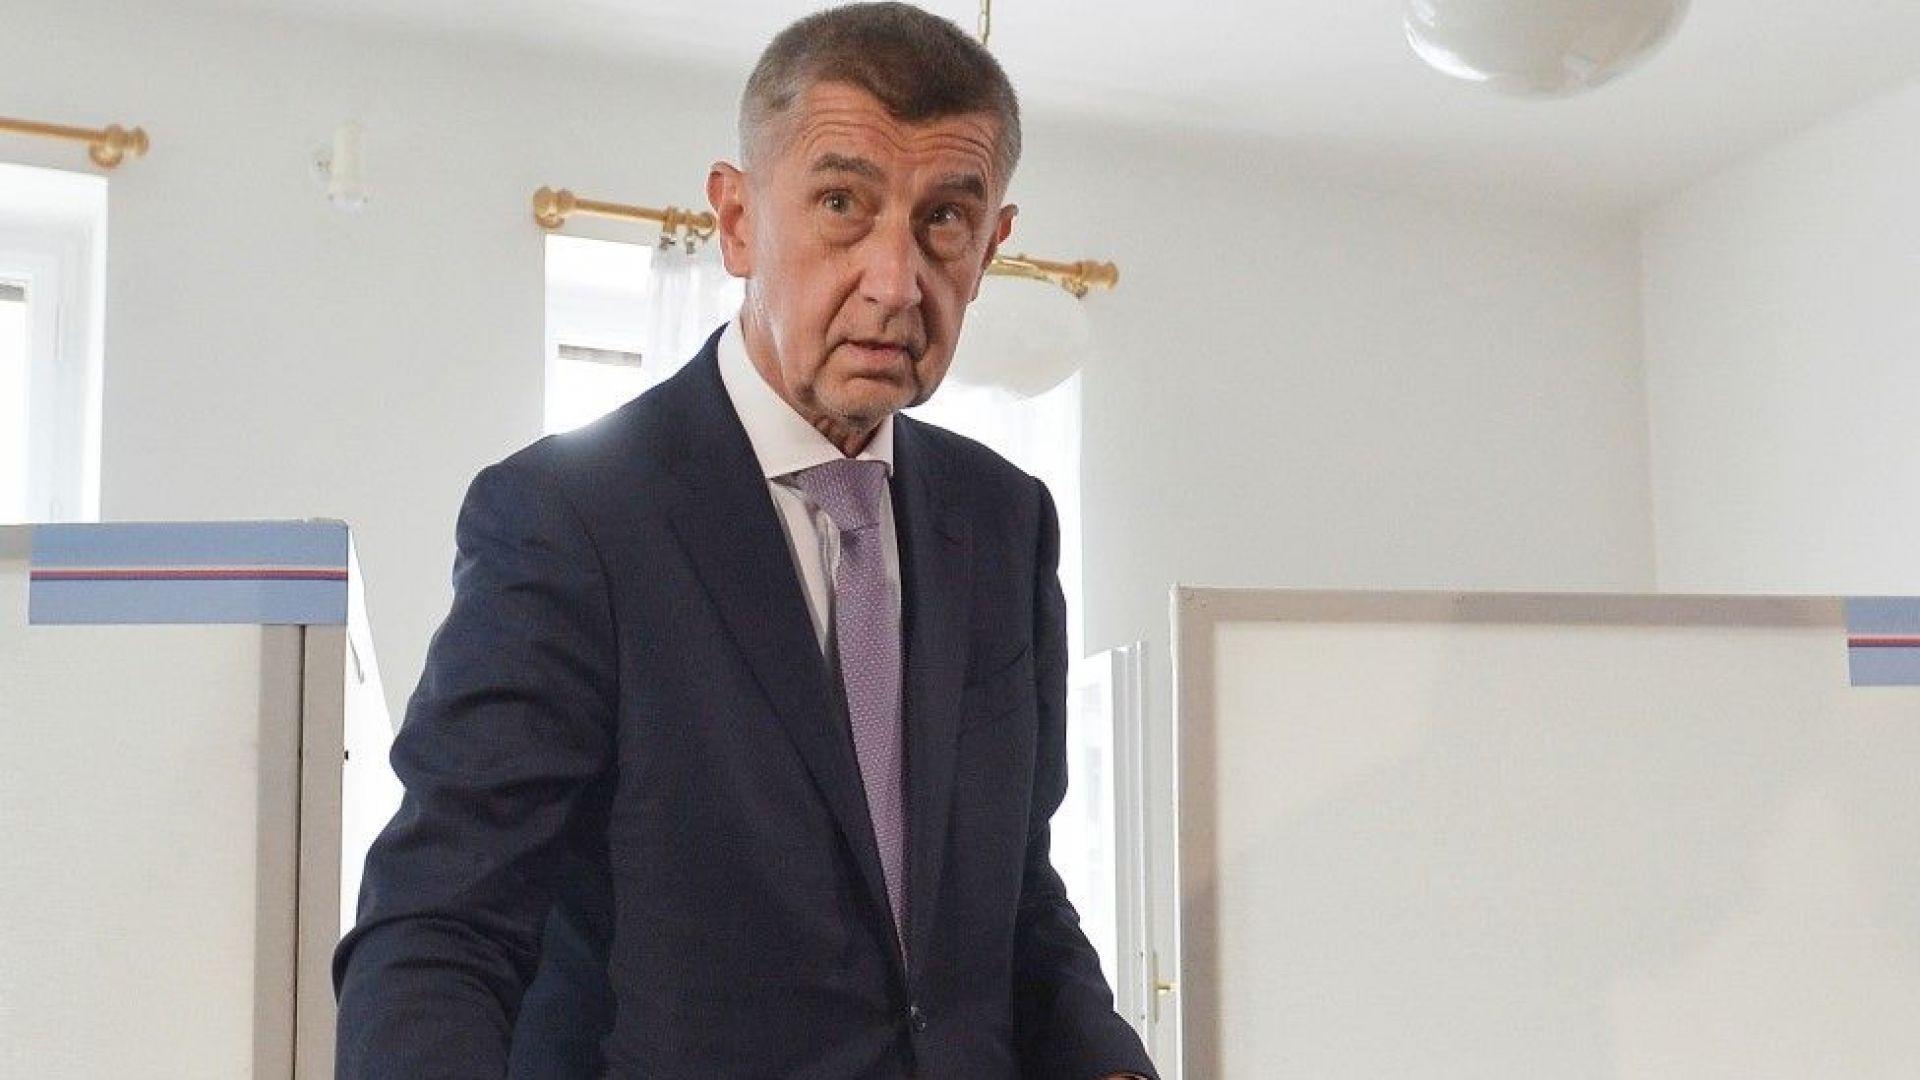 ЕК установила че чешкият премиер е в конфликт на интереси